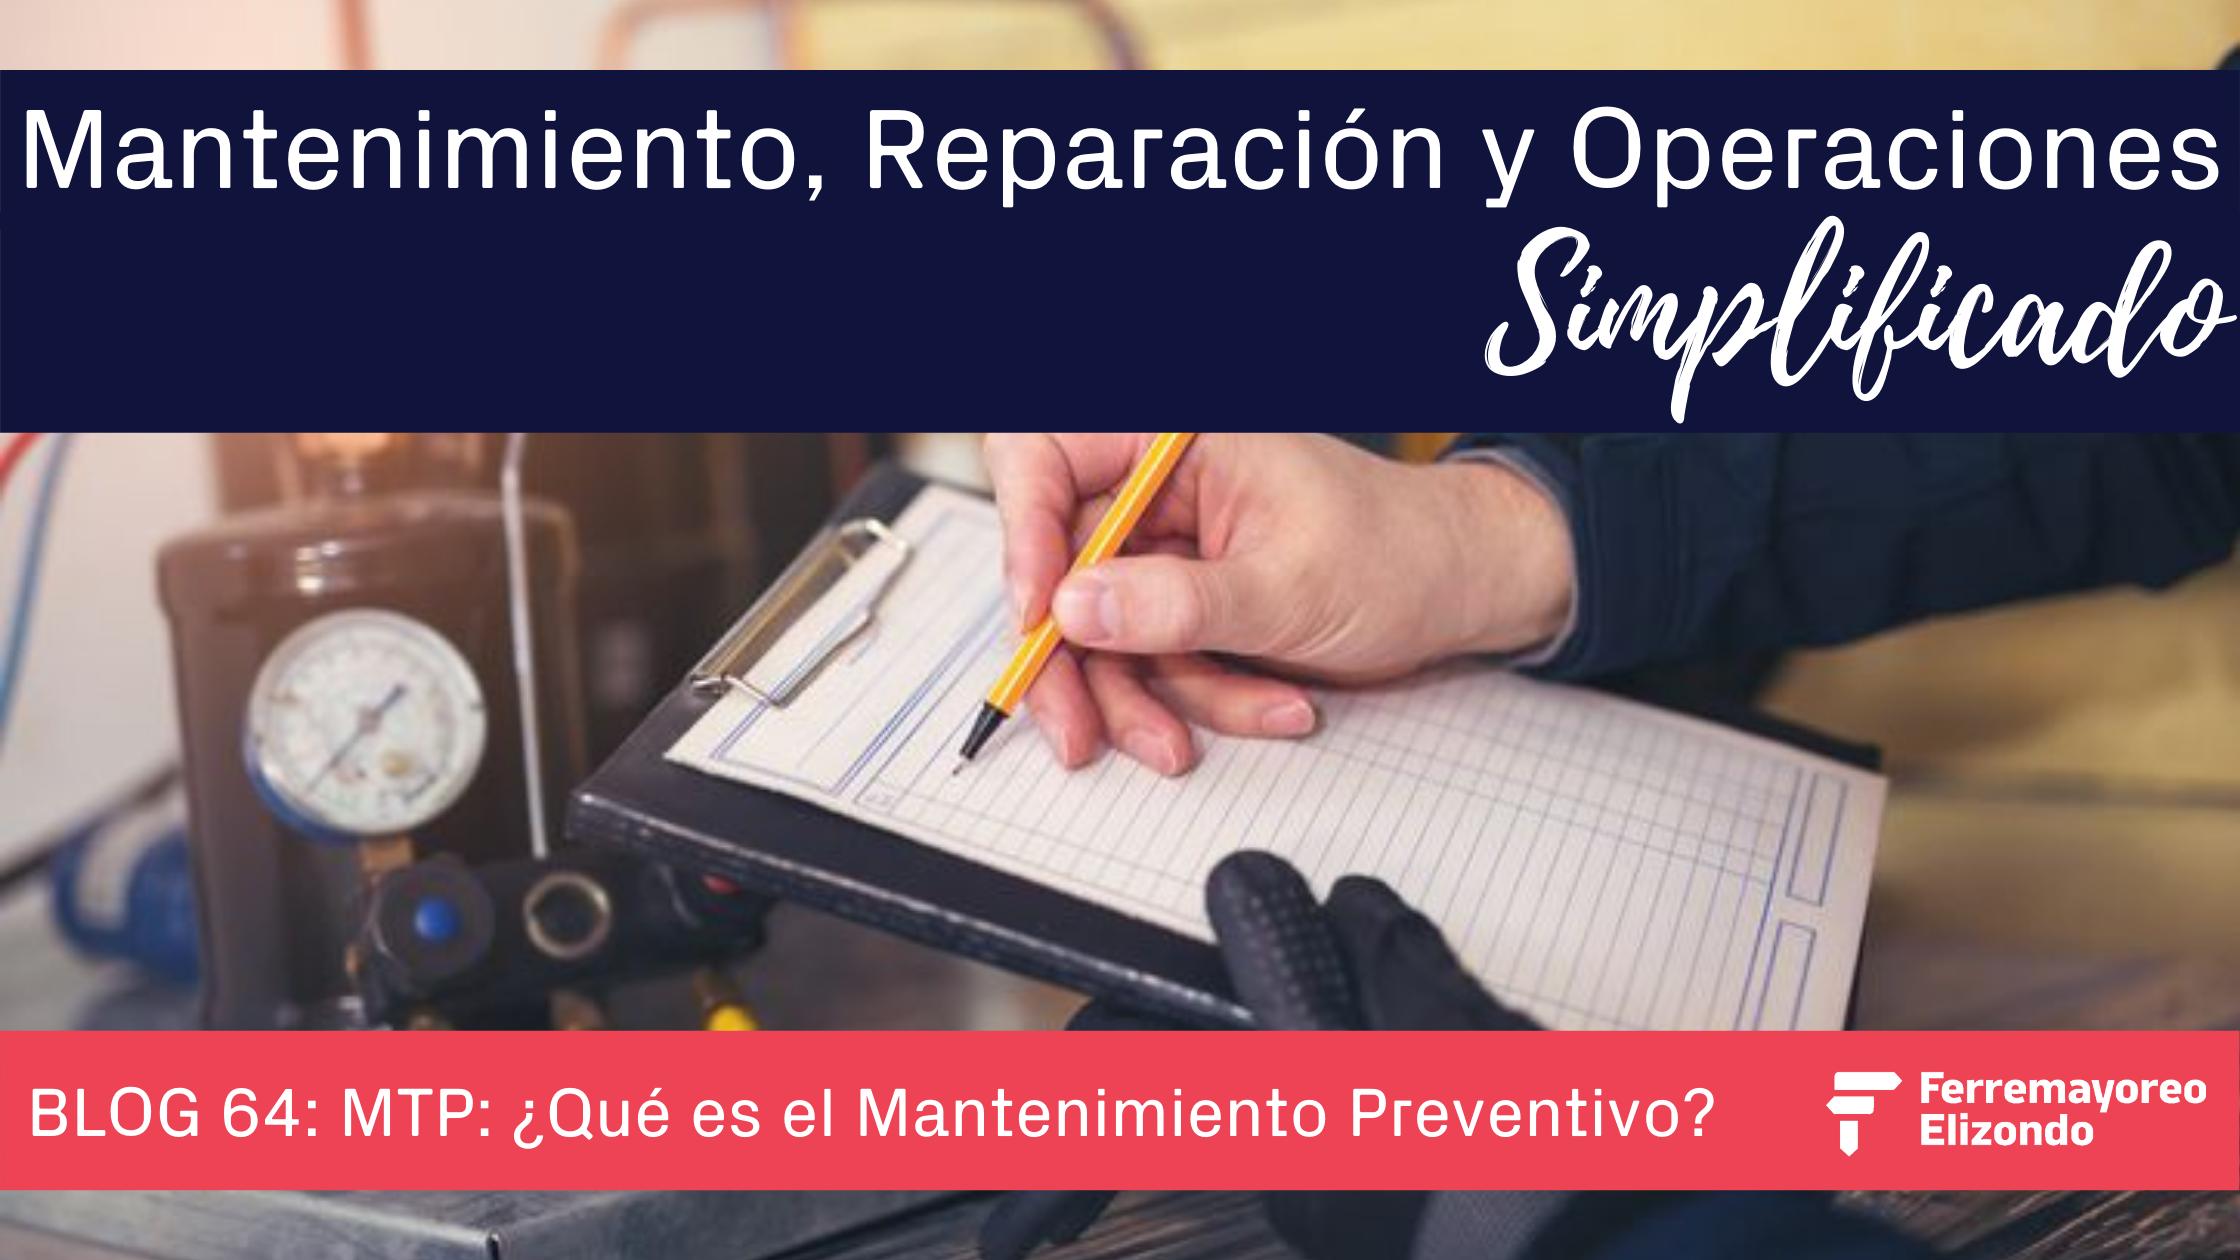 MRO Simplificado: ¿Qué es el Mantenimiento Preventivo?